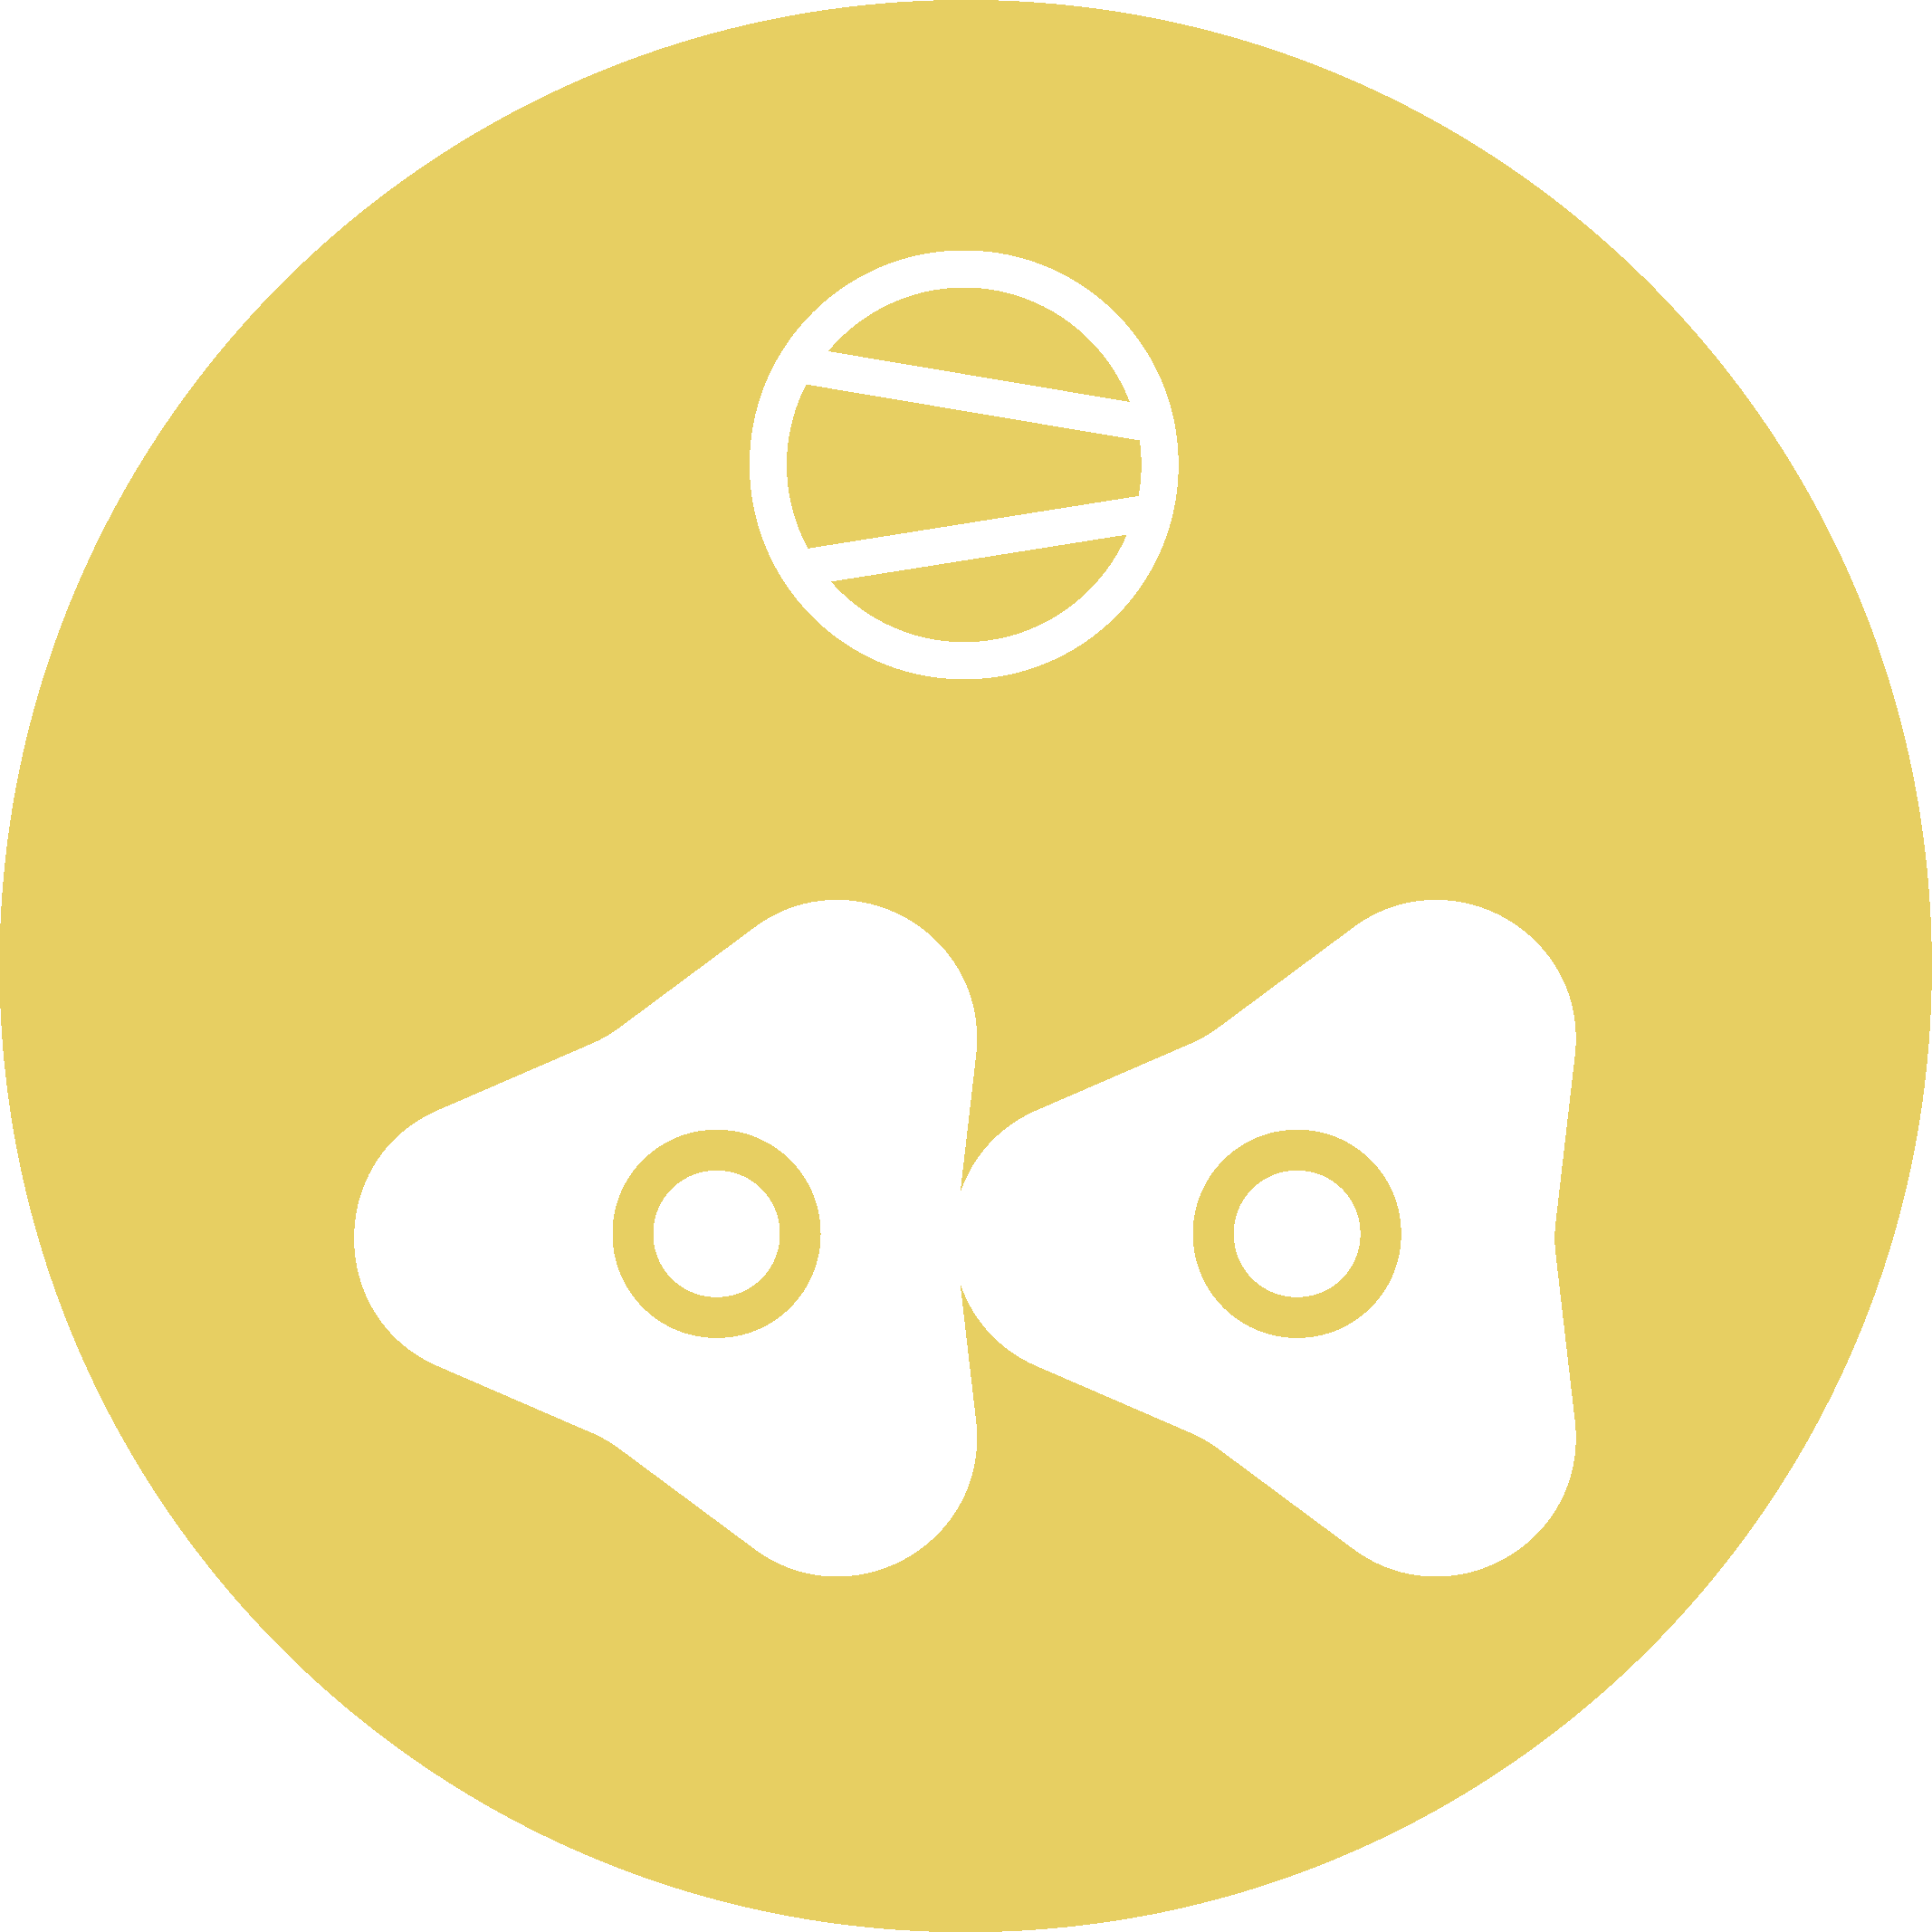 Rotary Lobe